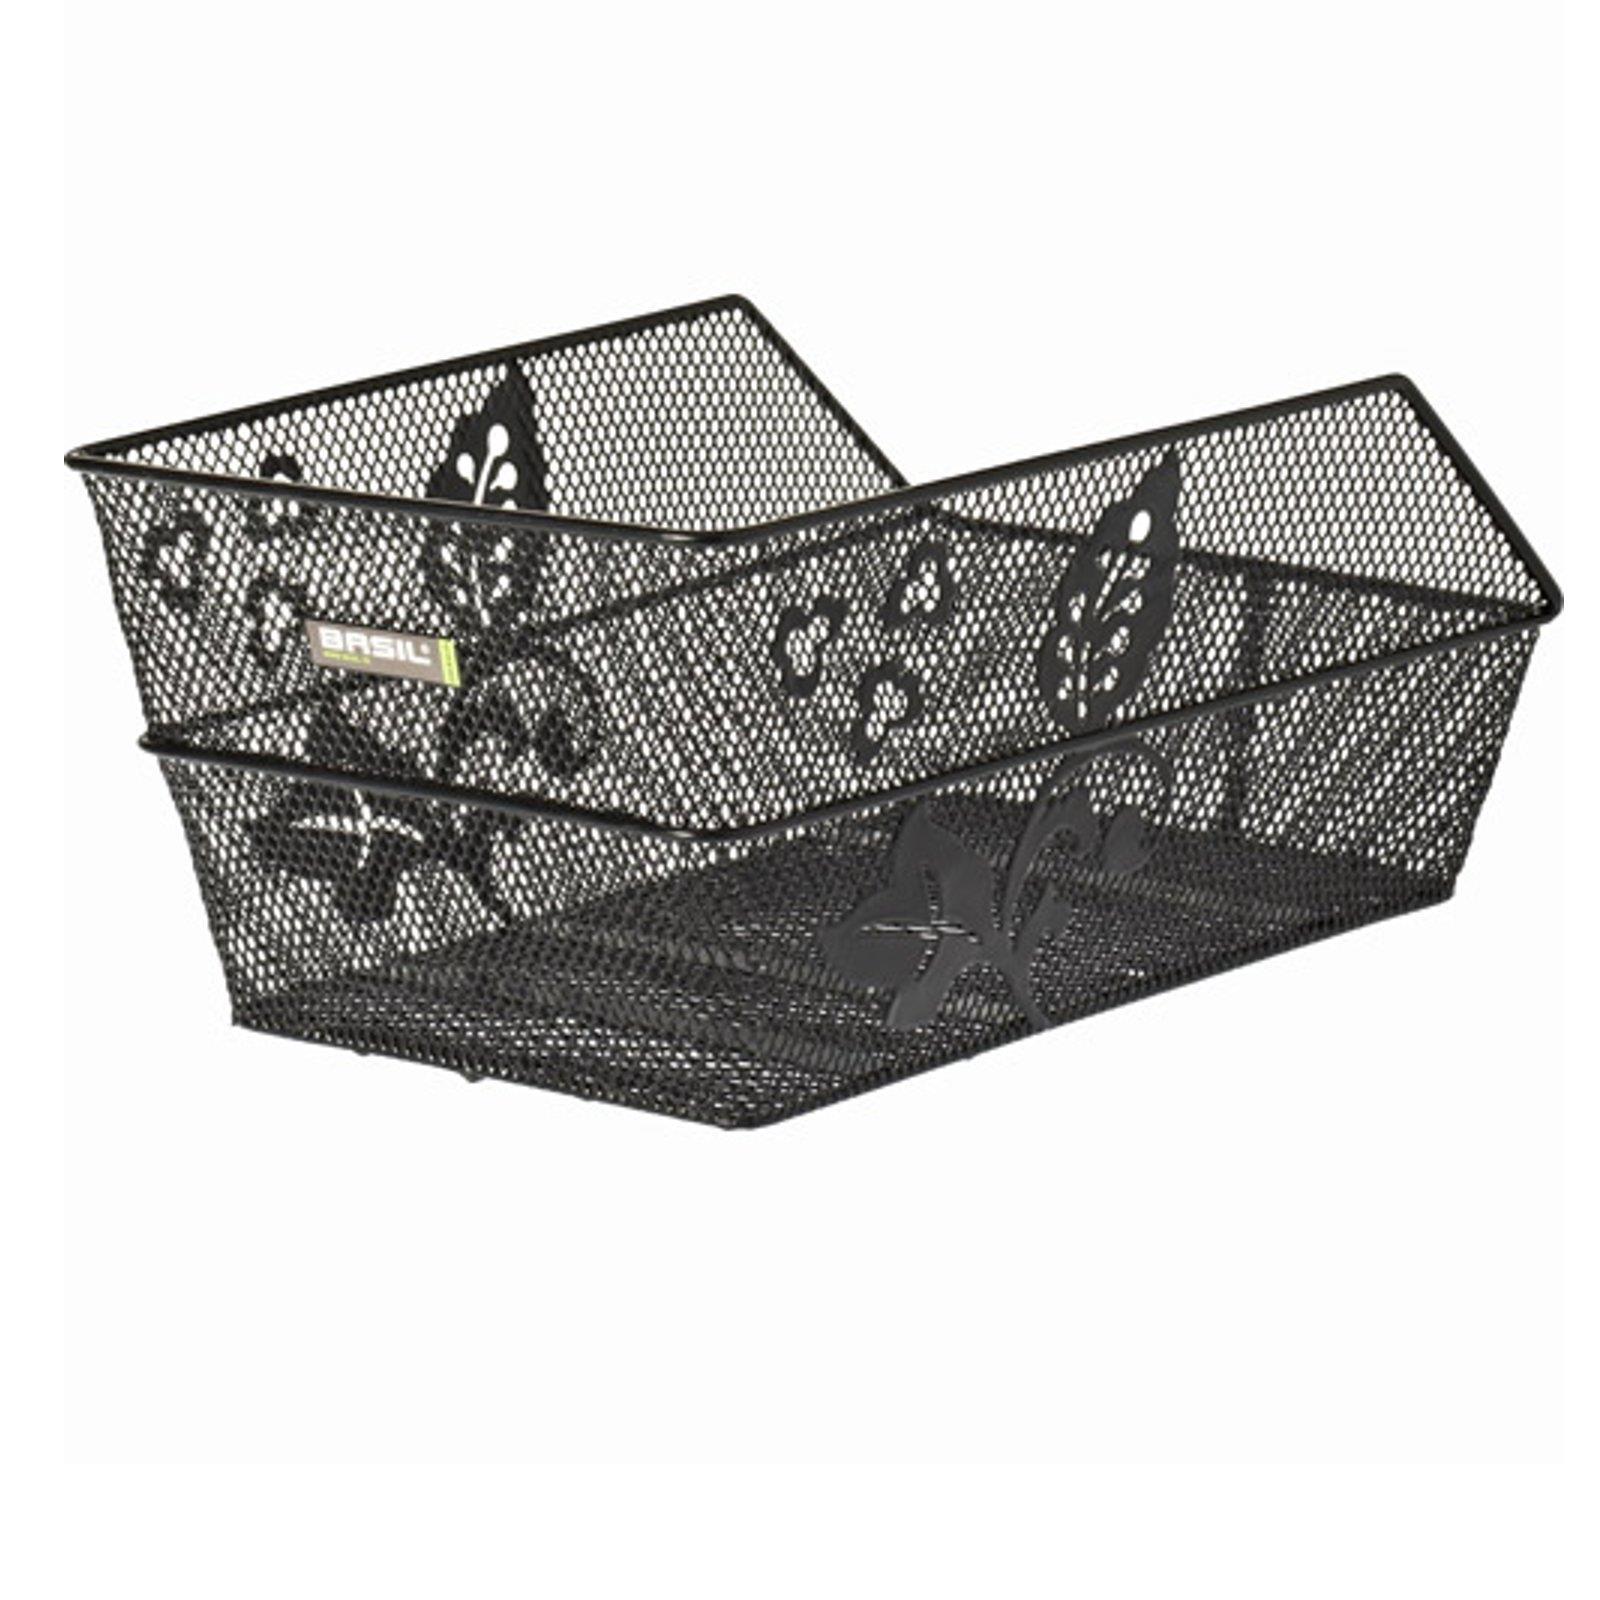 basil taschenkorb cento flower fahrradkorb schultaschen. Black Bedroom Furniture Sets. Home Design Ideas